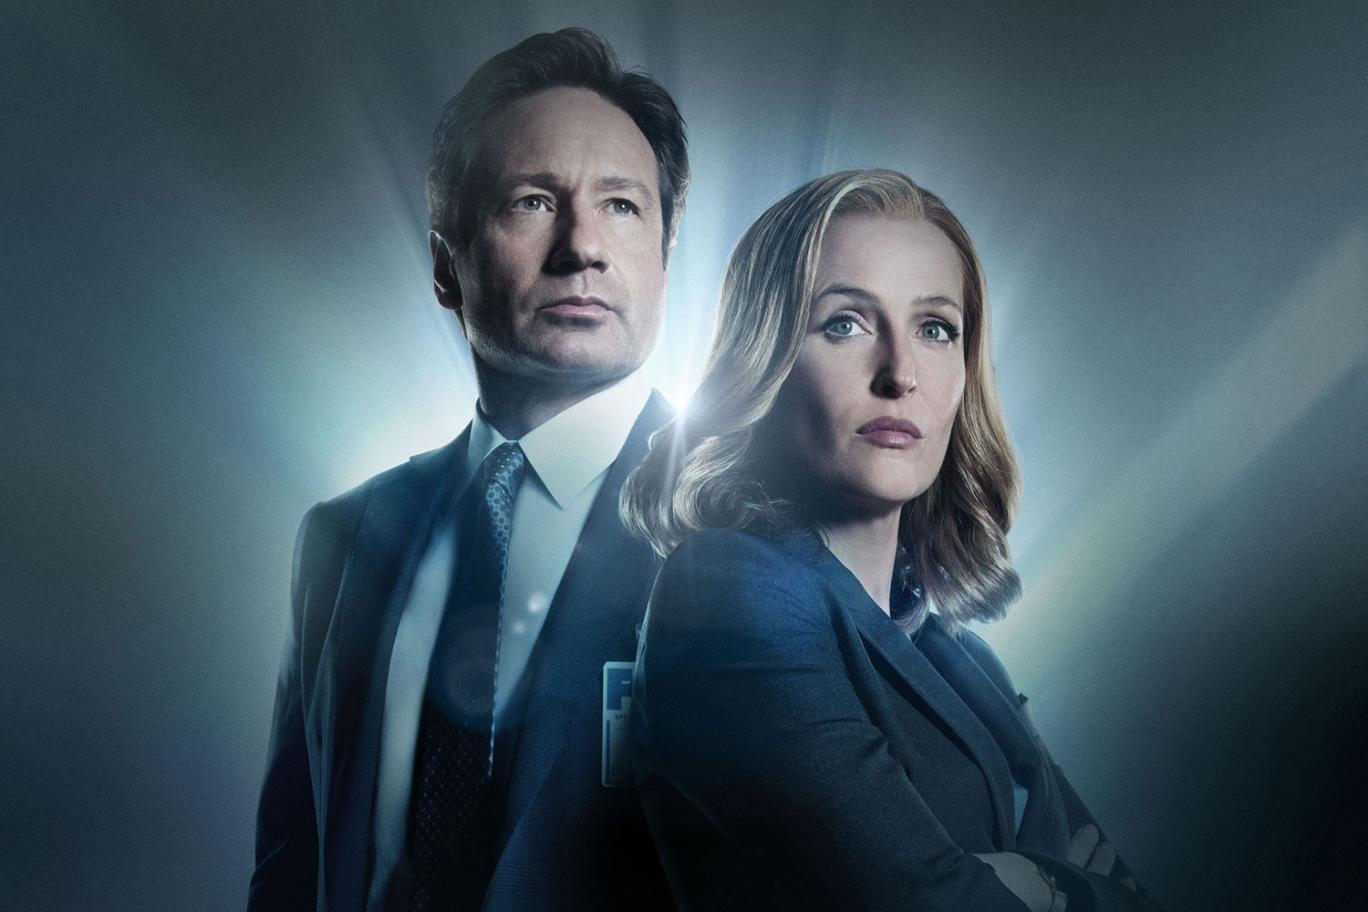 X-Files 09.02.2016ANDREW